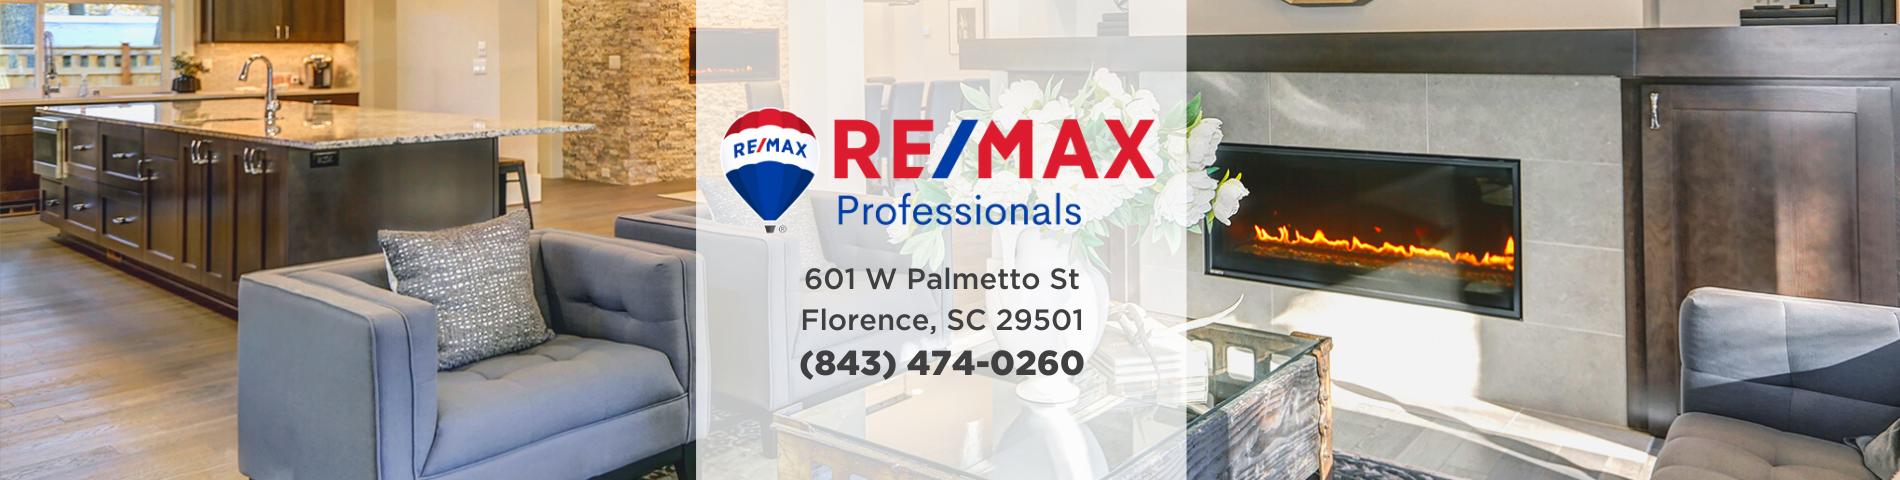 RE/MAX Professionals, SC